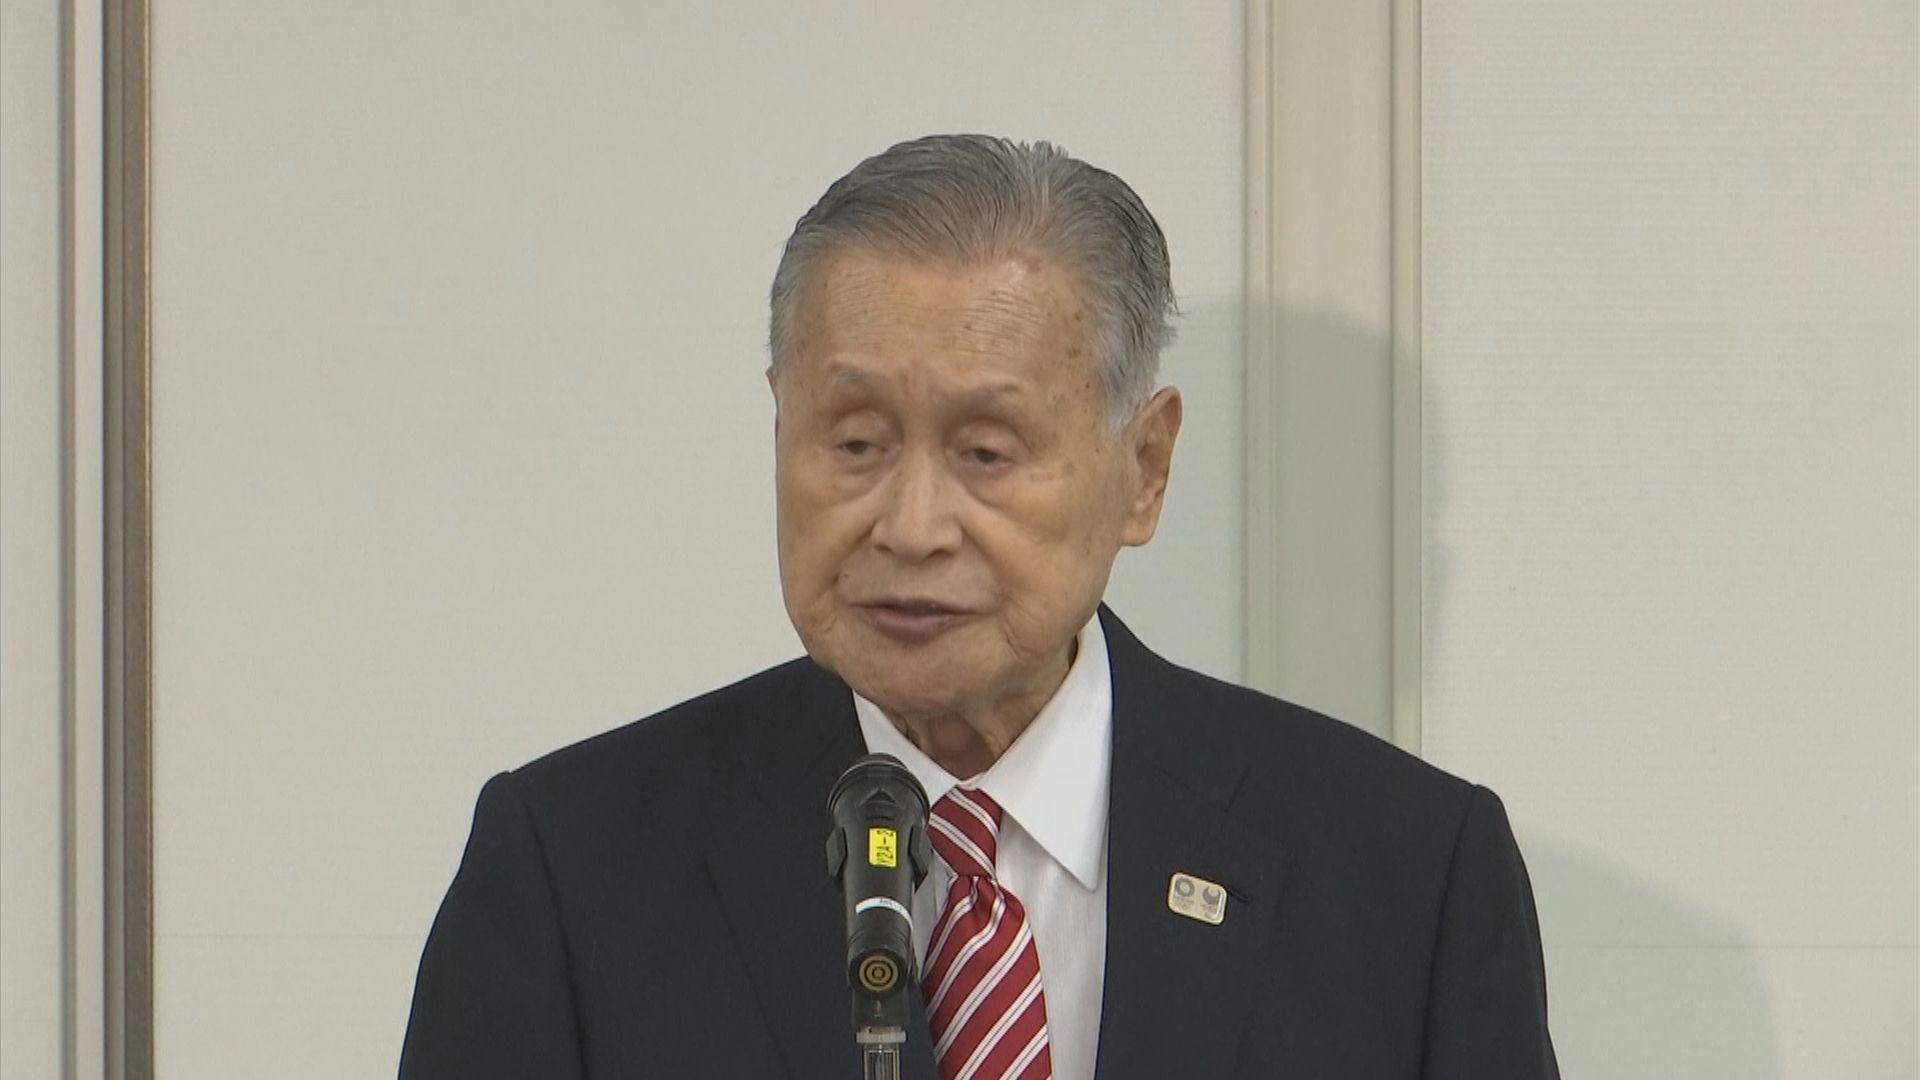 會議言論涉歧視女性 日本東京奧組委主席森喜朗致歉